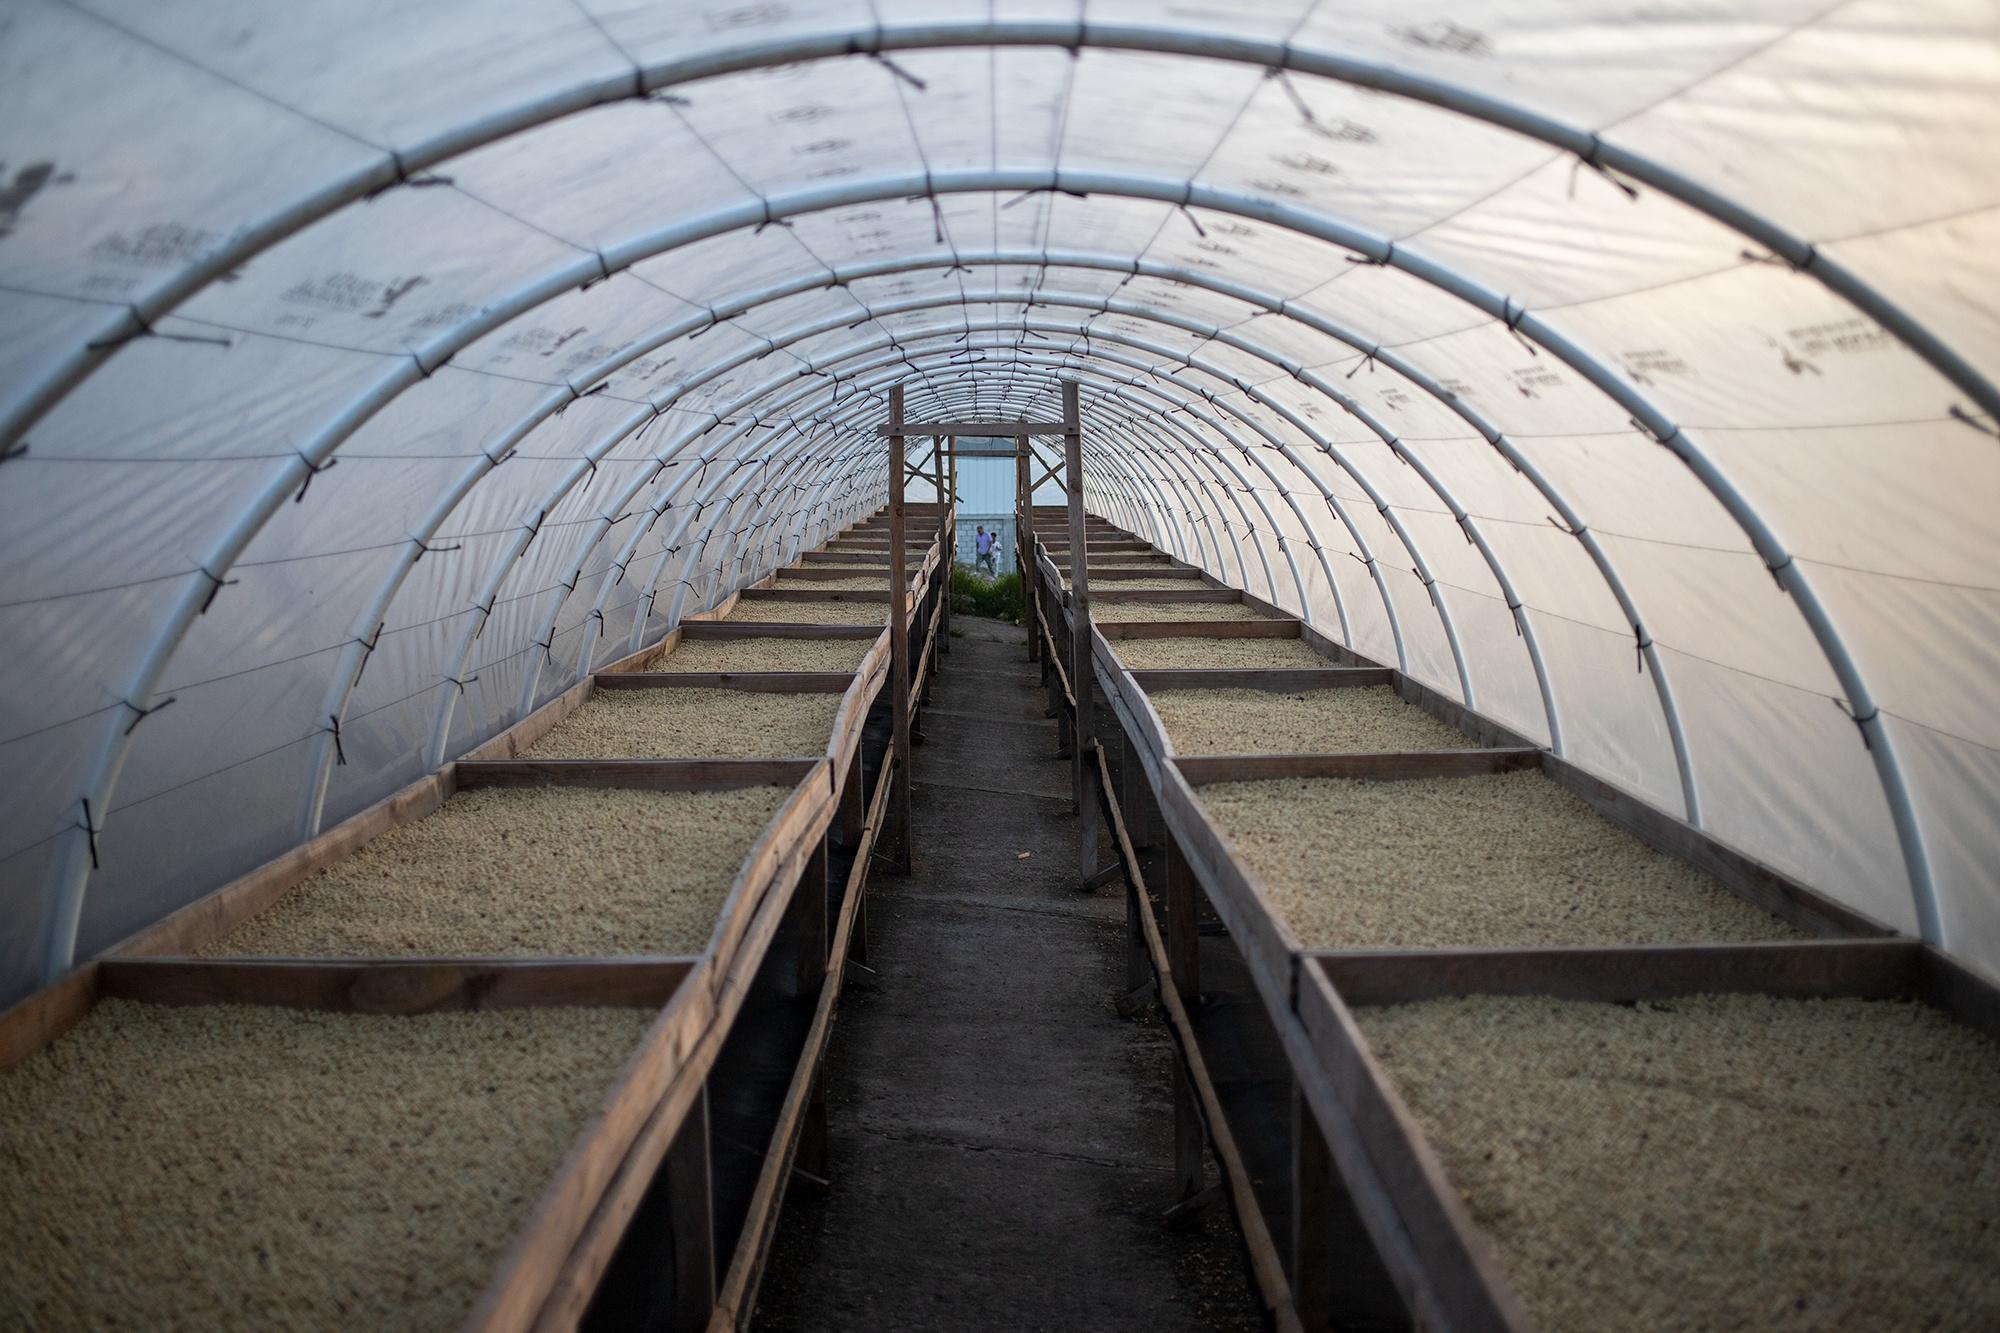 Una secadora solar de café construida con tubos PVC, plásticos, y recámaras internas construidas de madera. Las secadoras solares de café son una tecnología que ayuda a un  proceso más eficiente de secado del grano de café. Corquín, Copán, 27 de febrero de 2021. Foto: Martín Cálix.